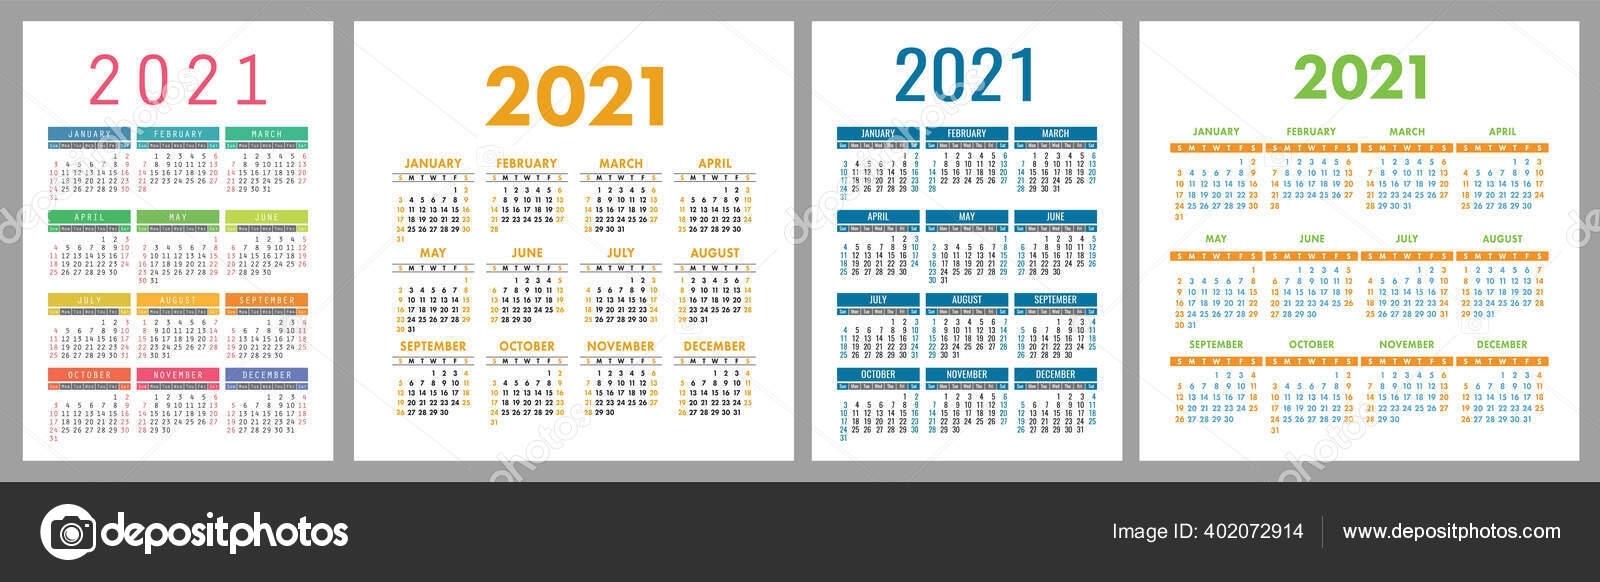 Get Kalender 2021 Oktober November Desember